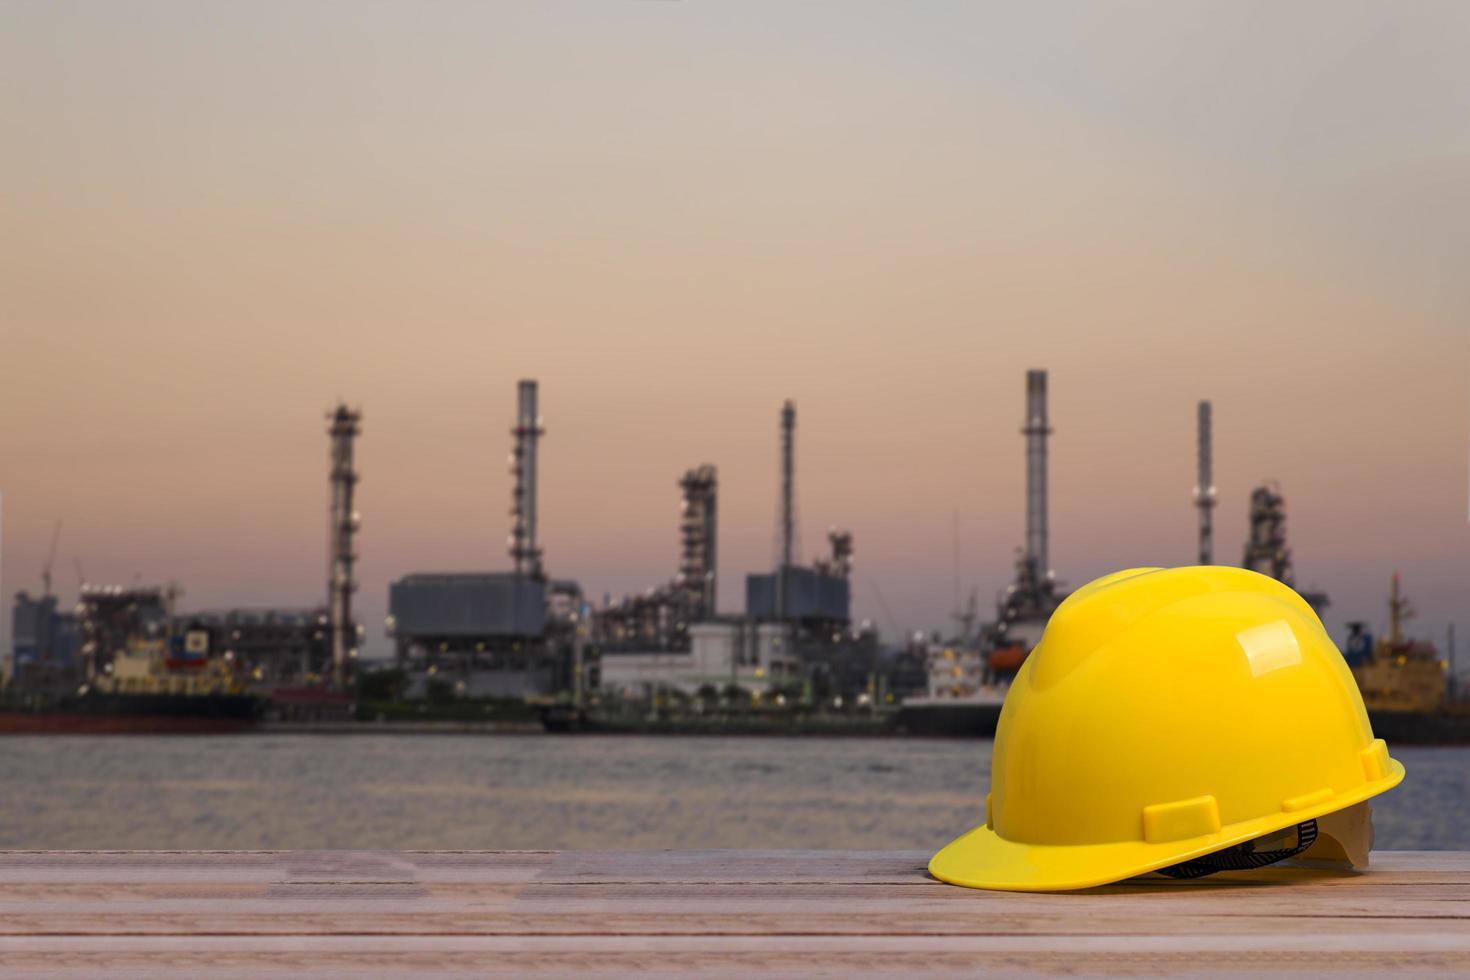 casque de sécurité avec chantier en arrière-plan photo